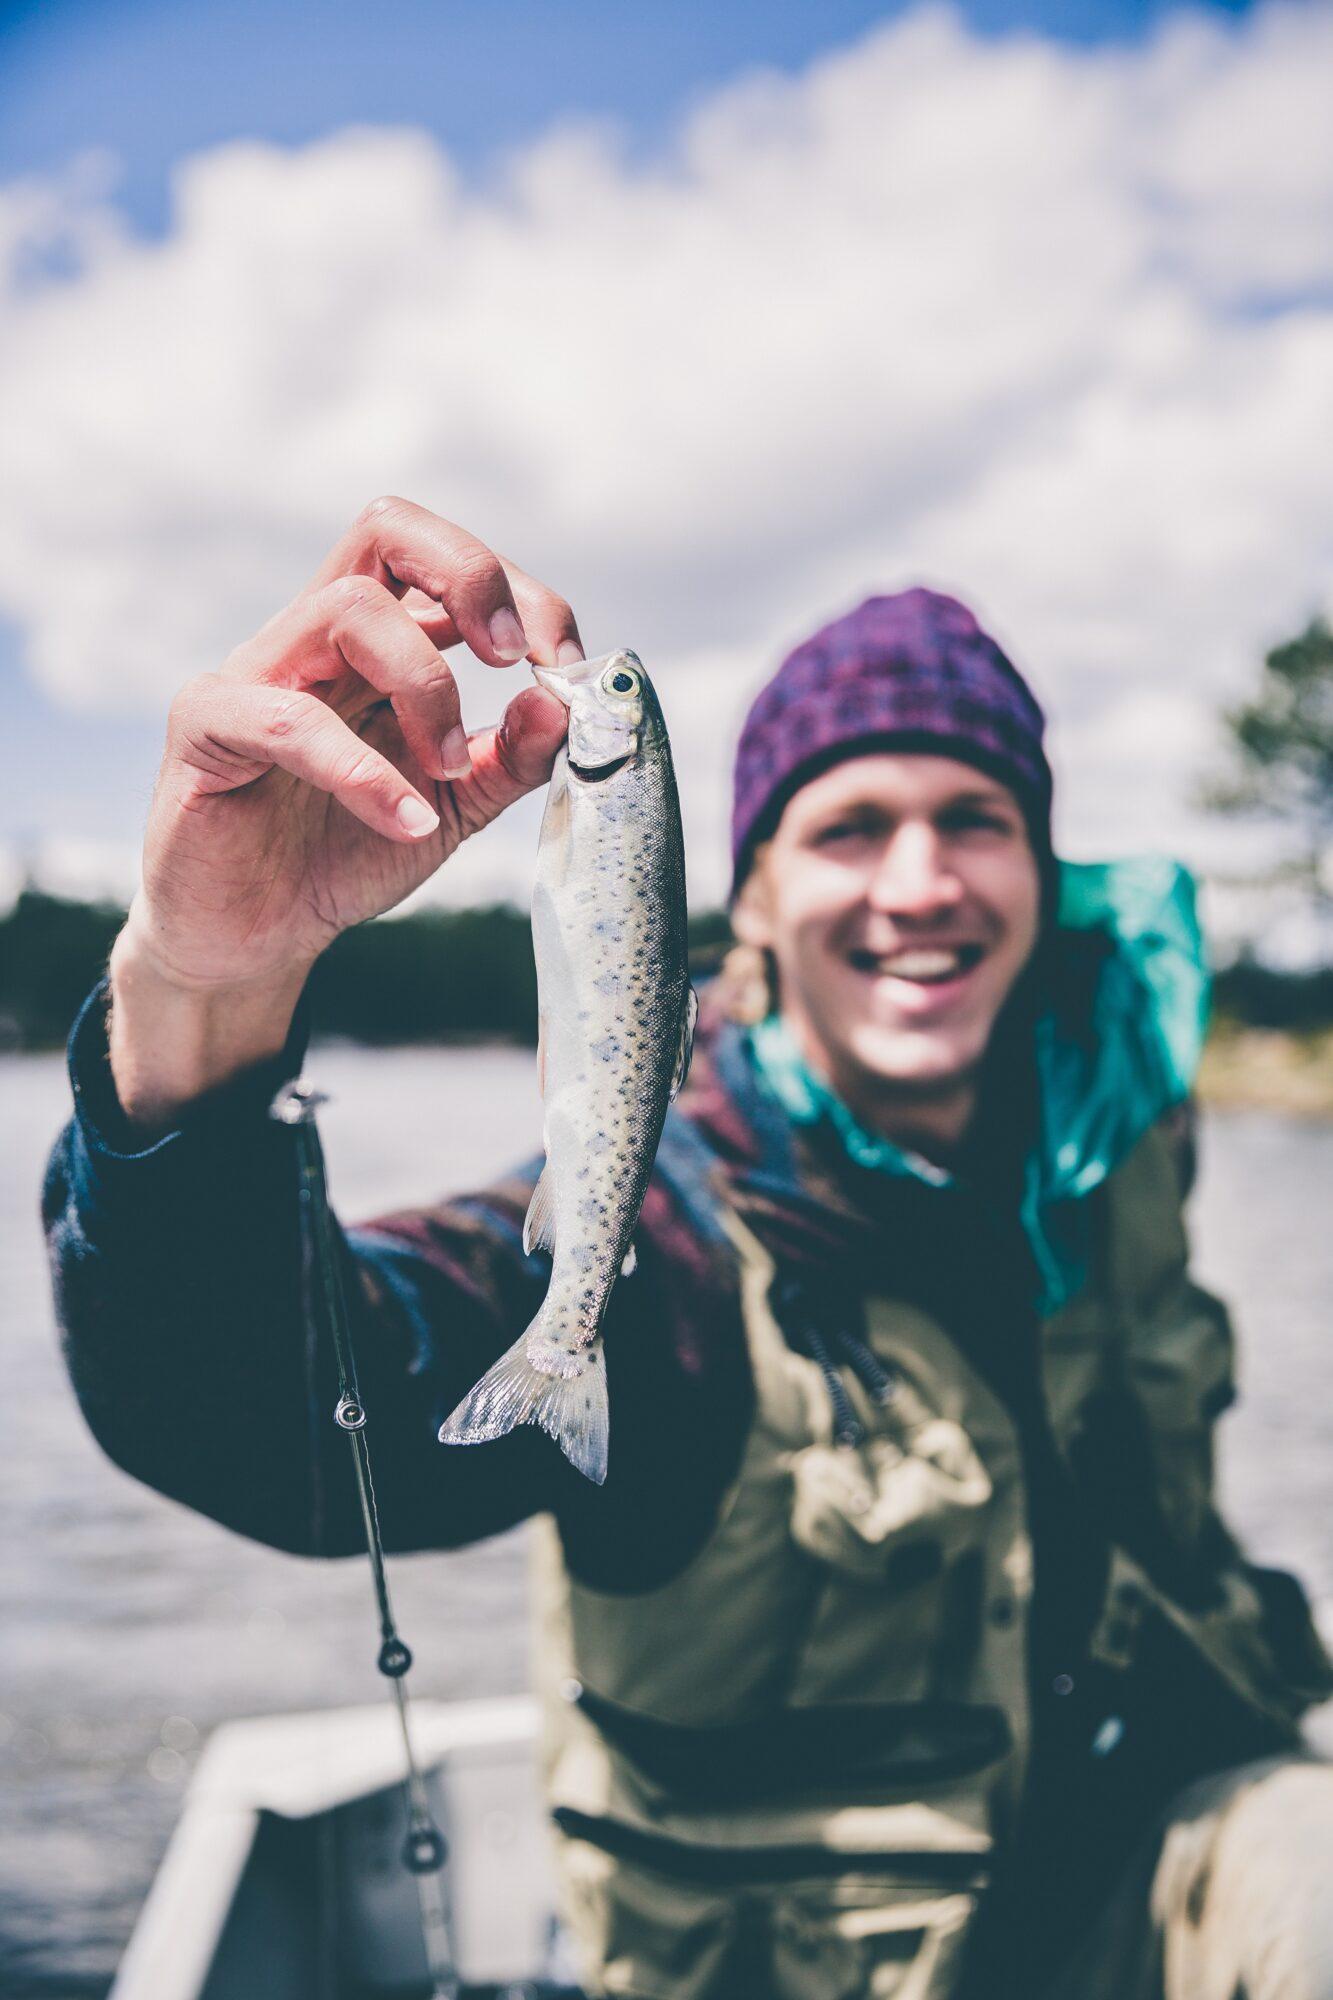 Find det helt rigtige fiskeudstyr til dig